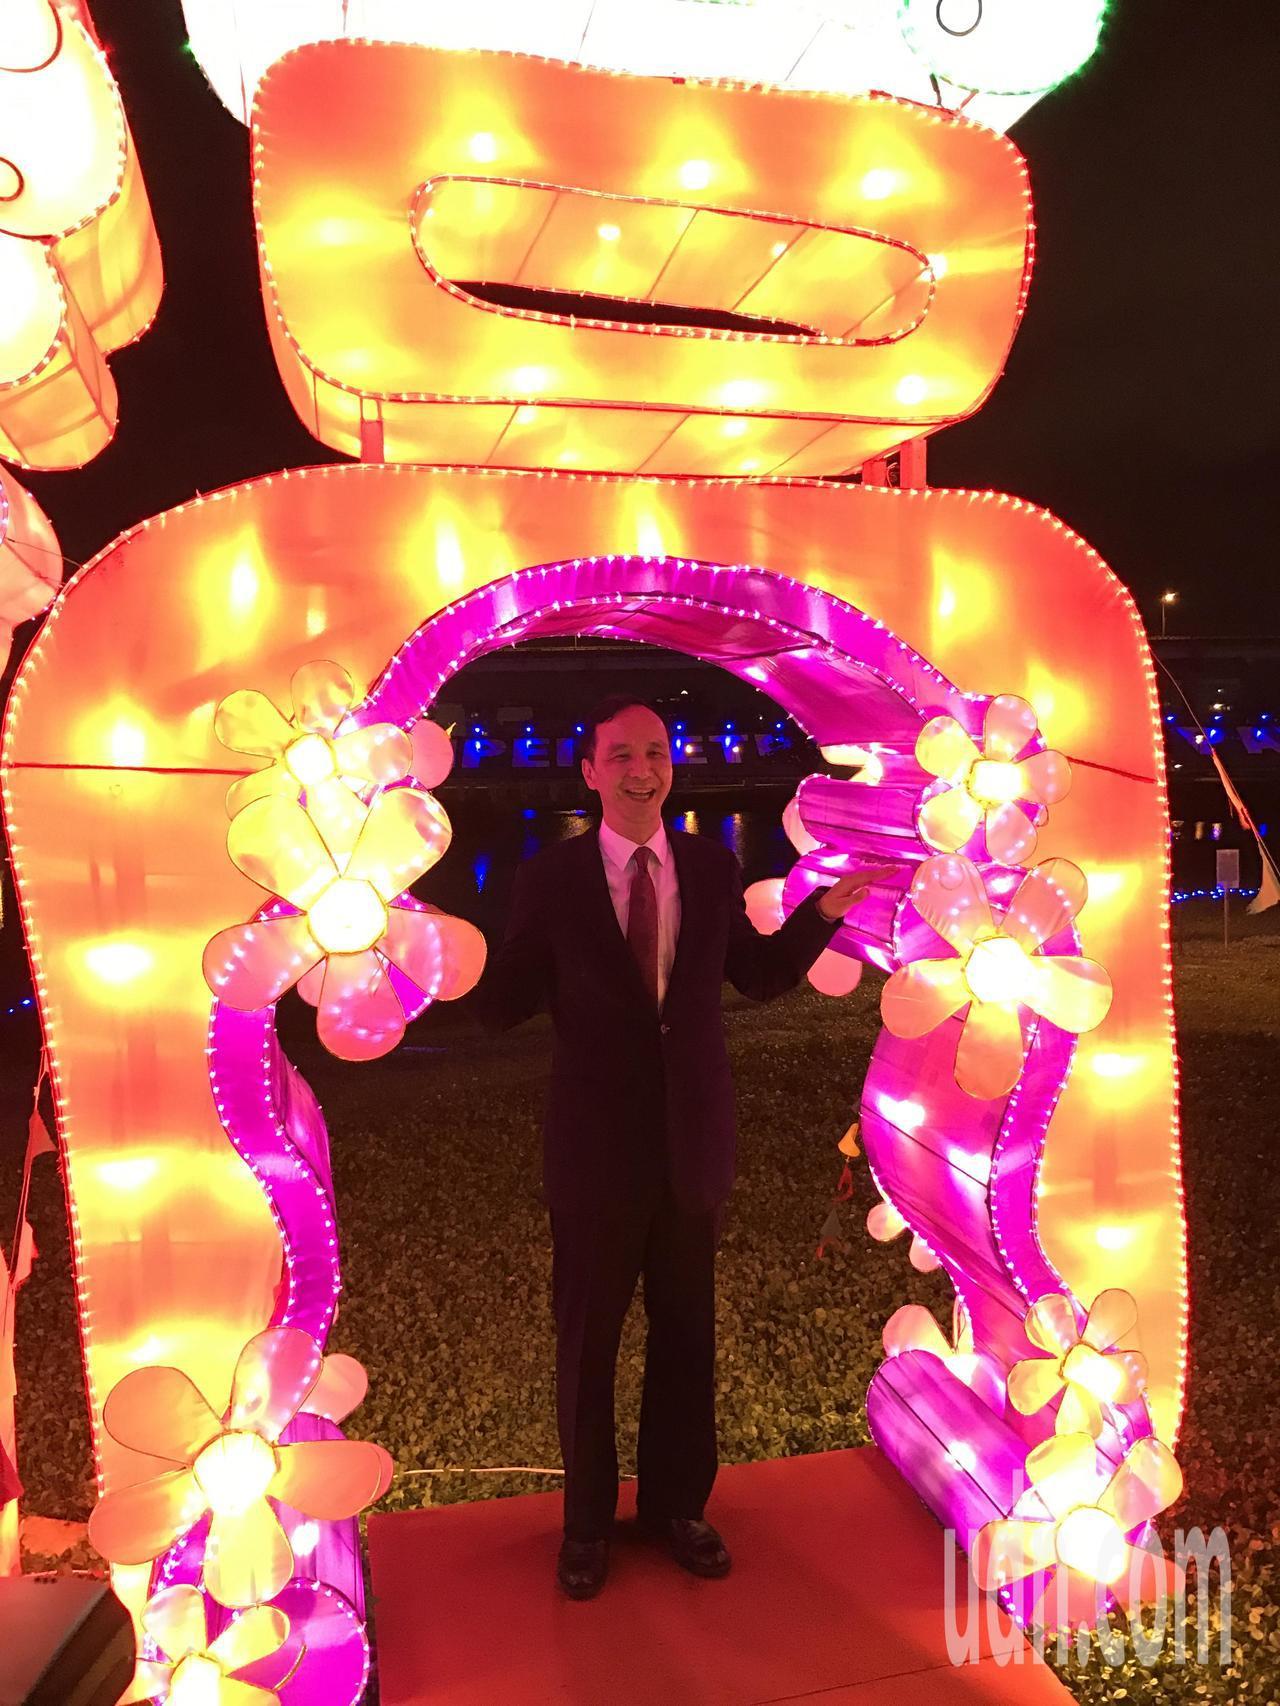 新北旺來福來燈會今晚點燈,市長朱立倫在福字花燈拍照,象徵「人在福中」。記者陳珮琦...